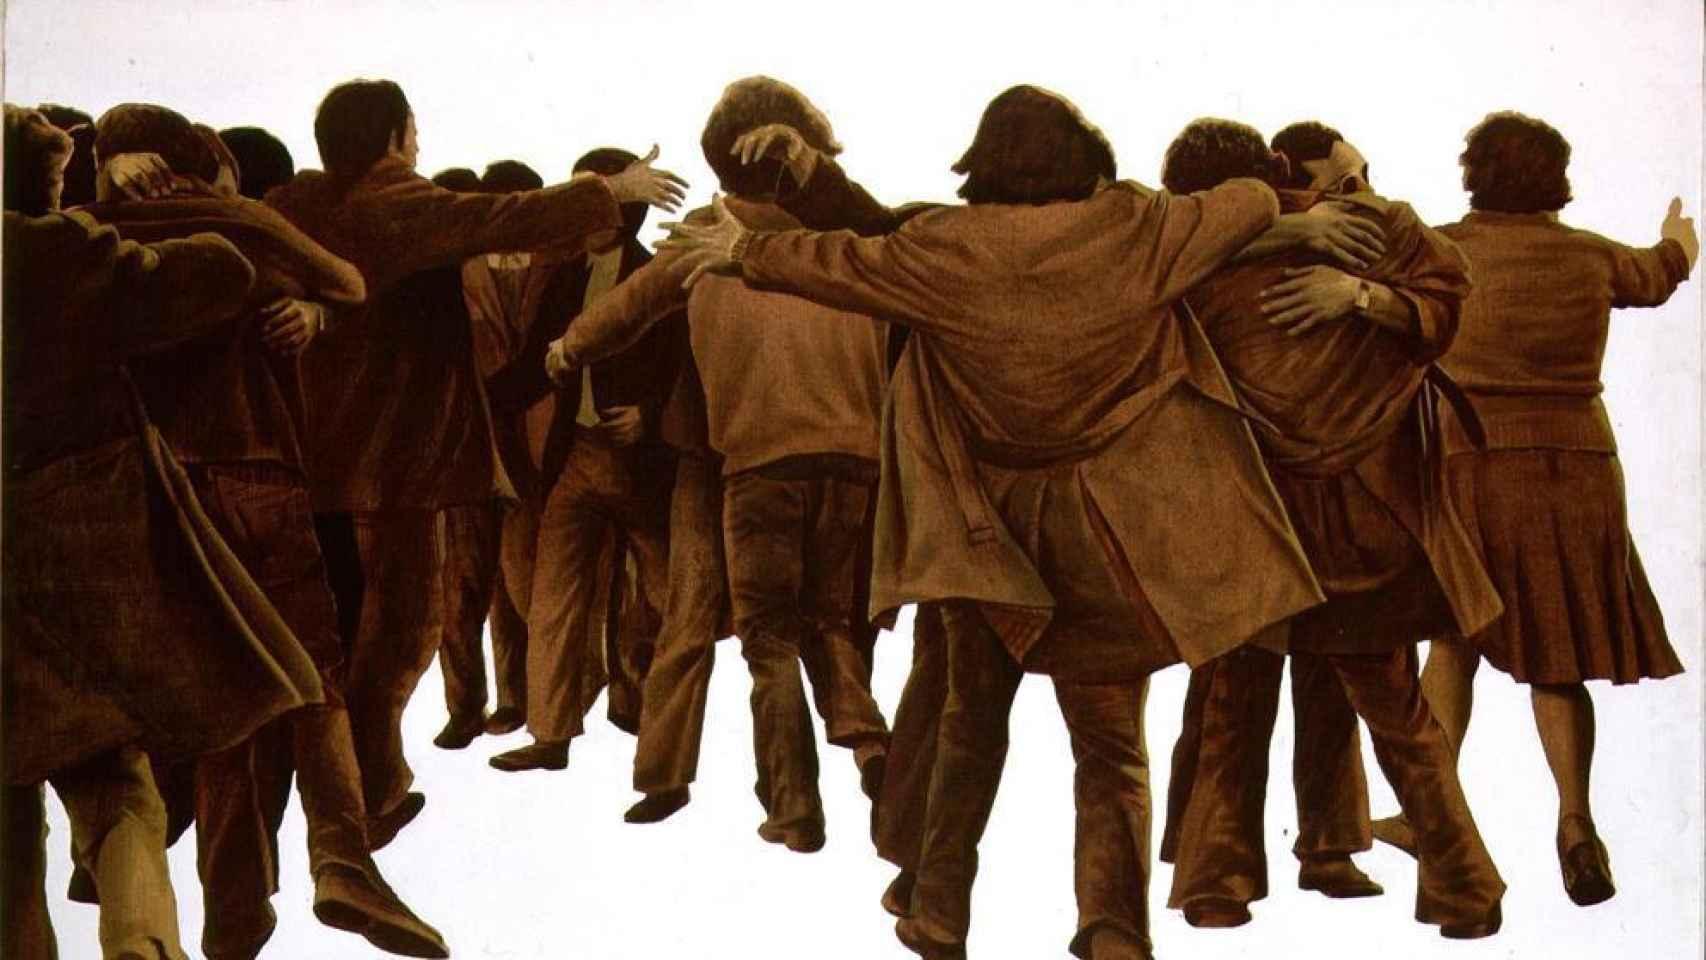 El abrazo, pintado por Juan Genovés.